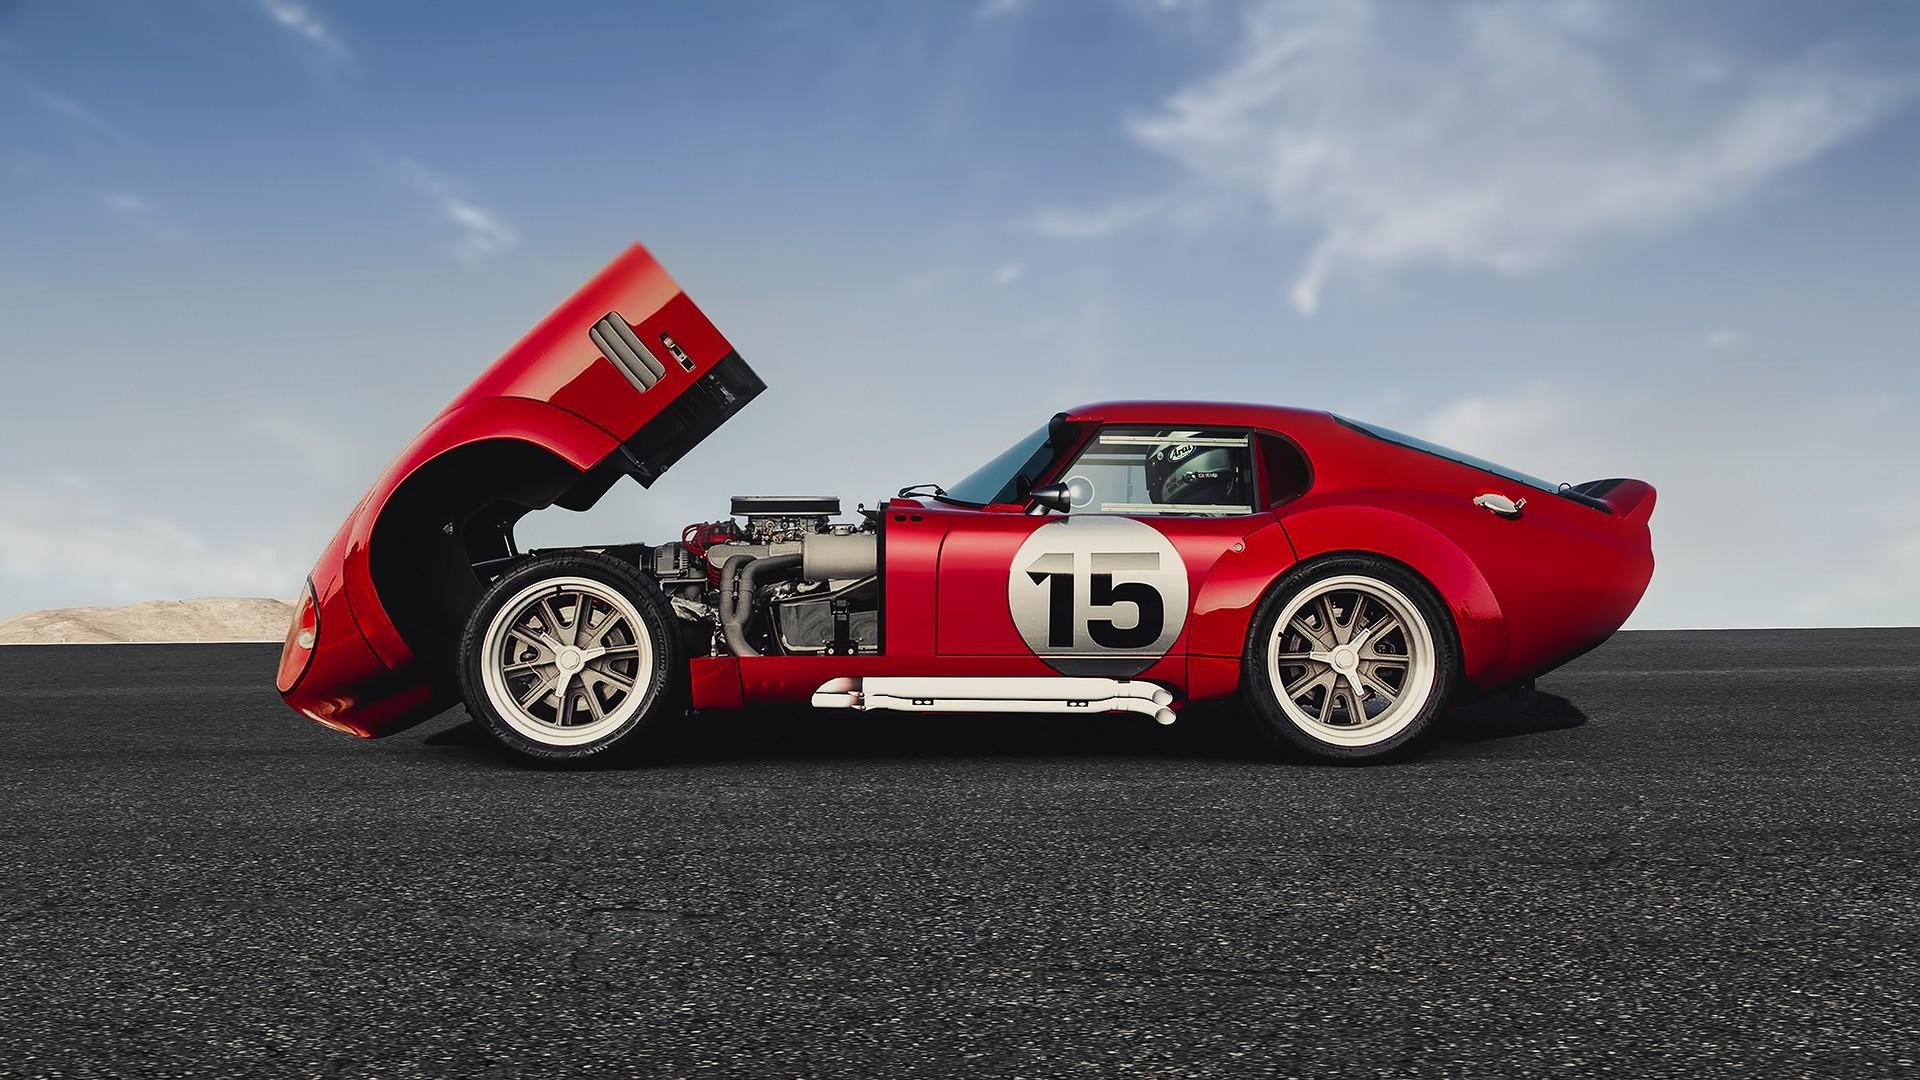 810 Koleksi Gambar Wallpaper Mobil Sport HD Terbaik